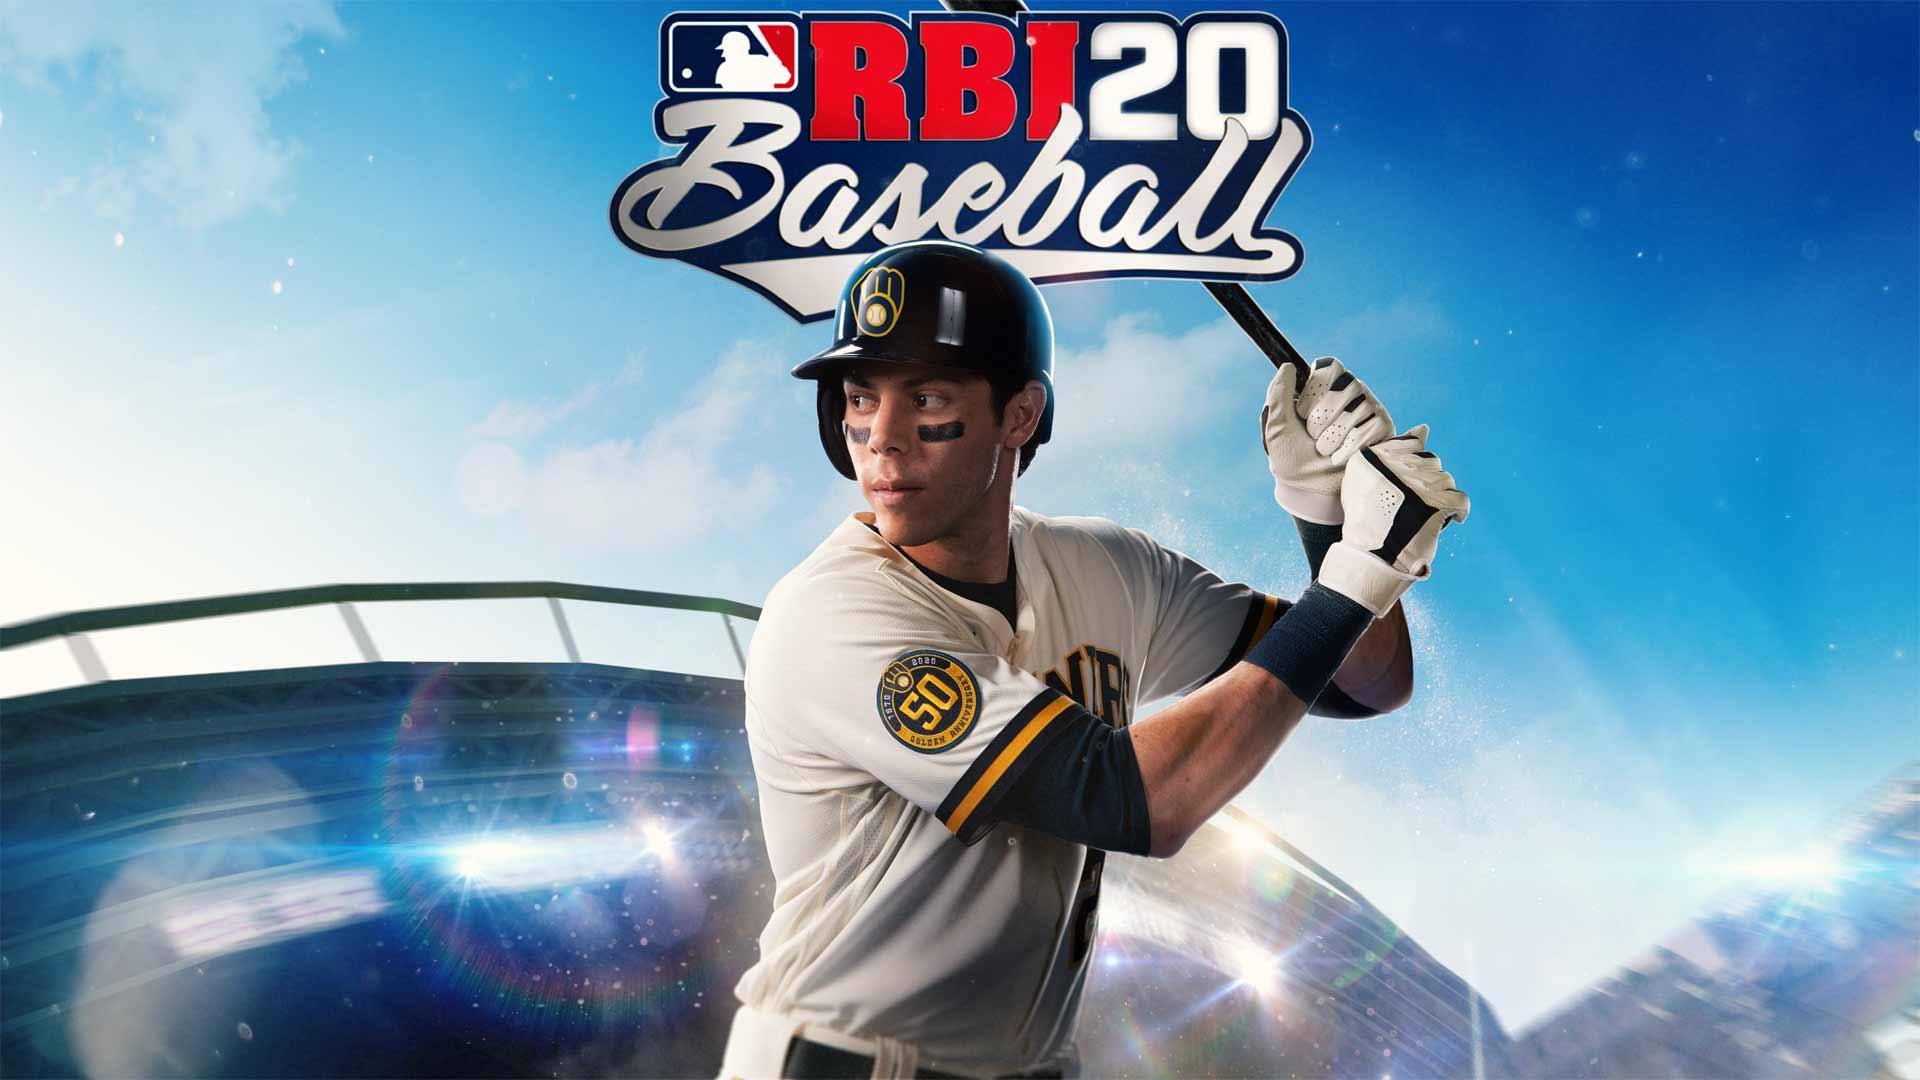 RBI Baseball 20 Cover Athlete